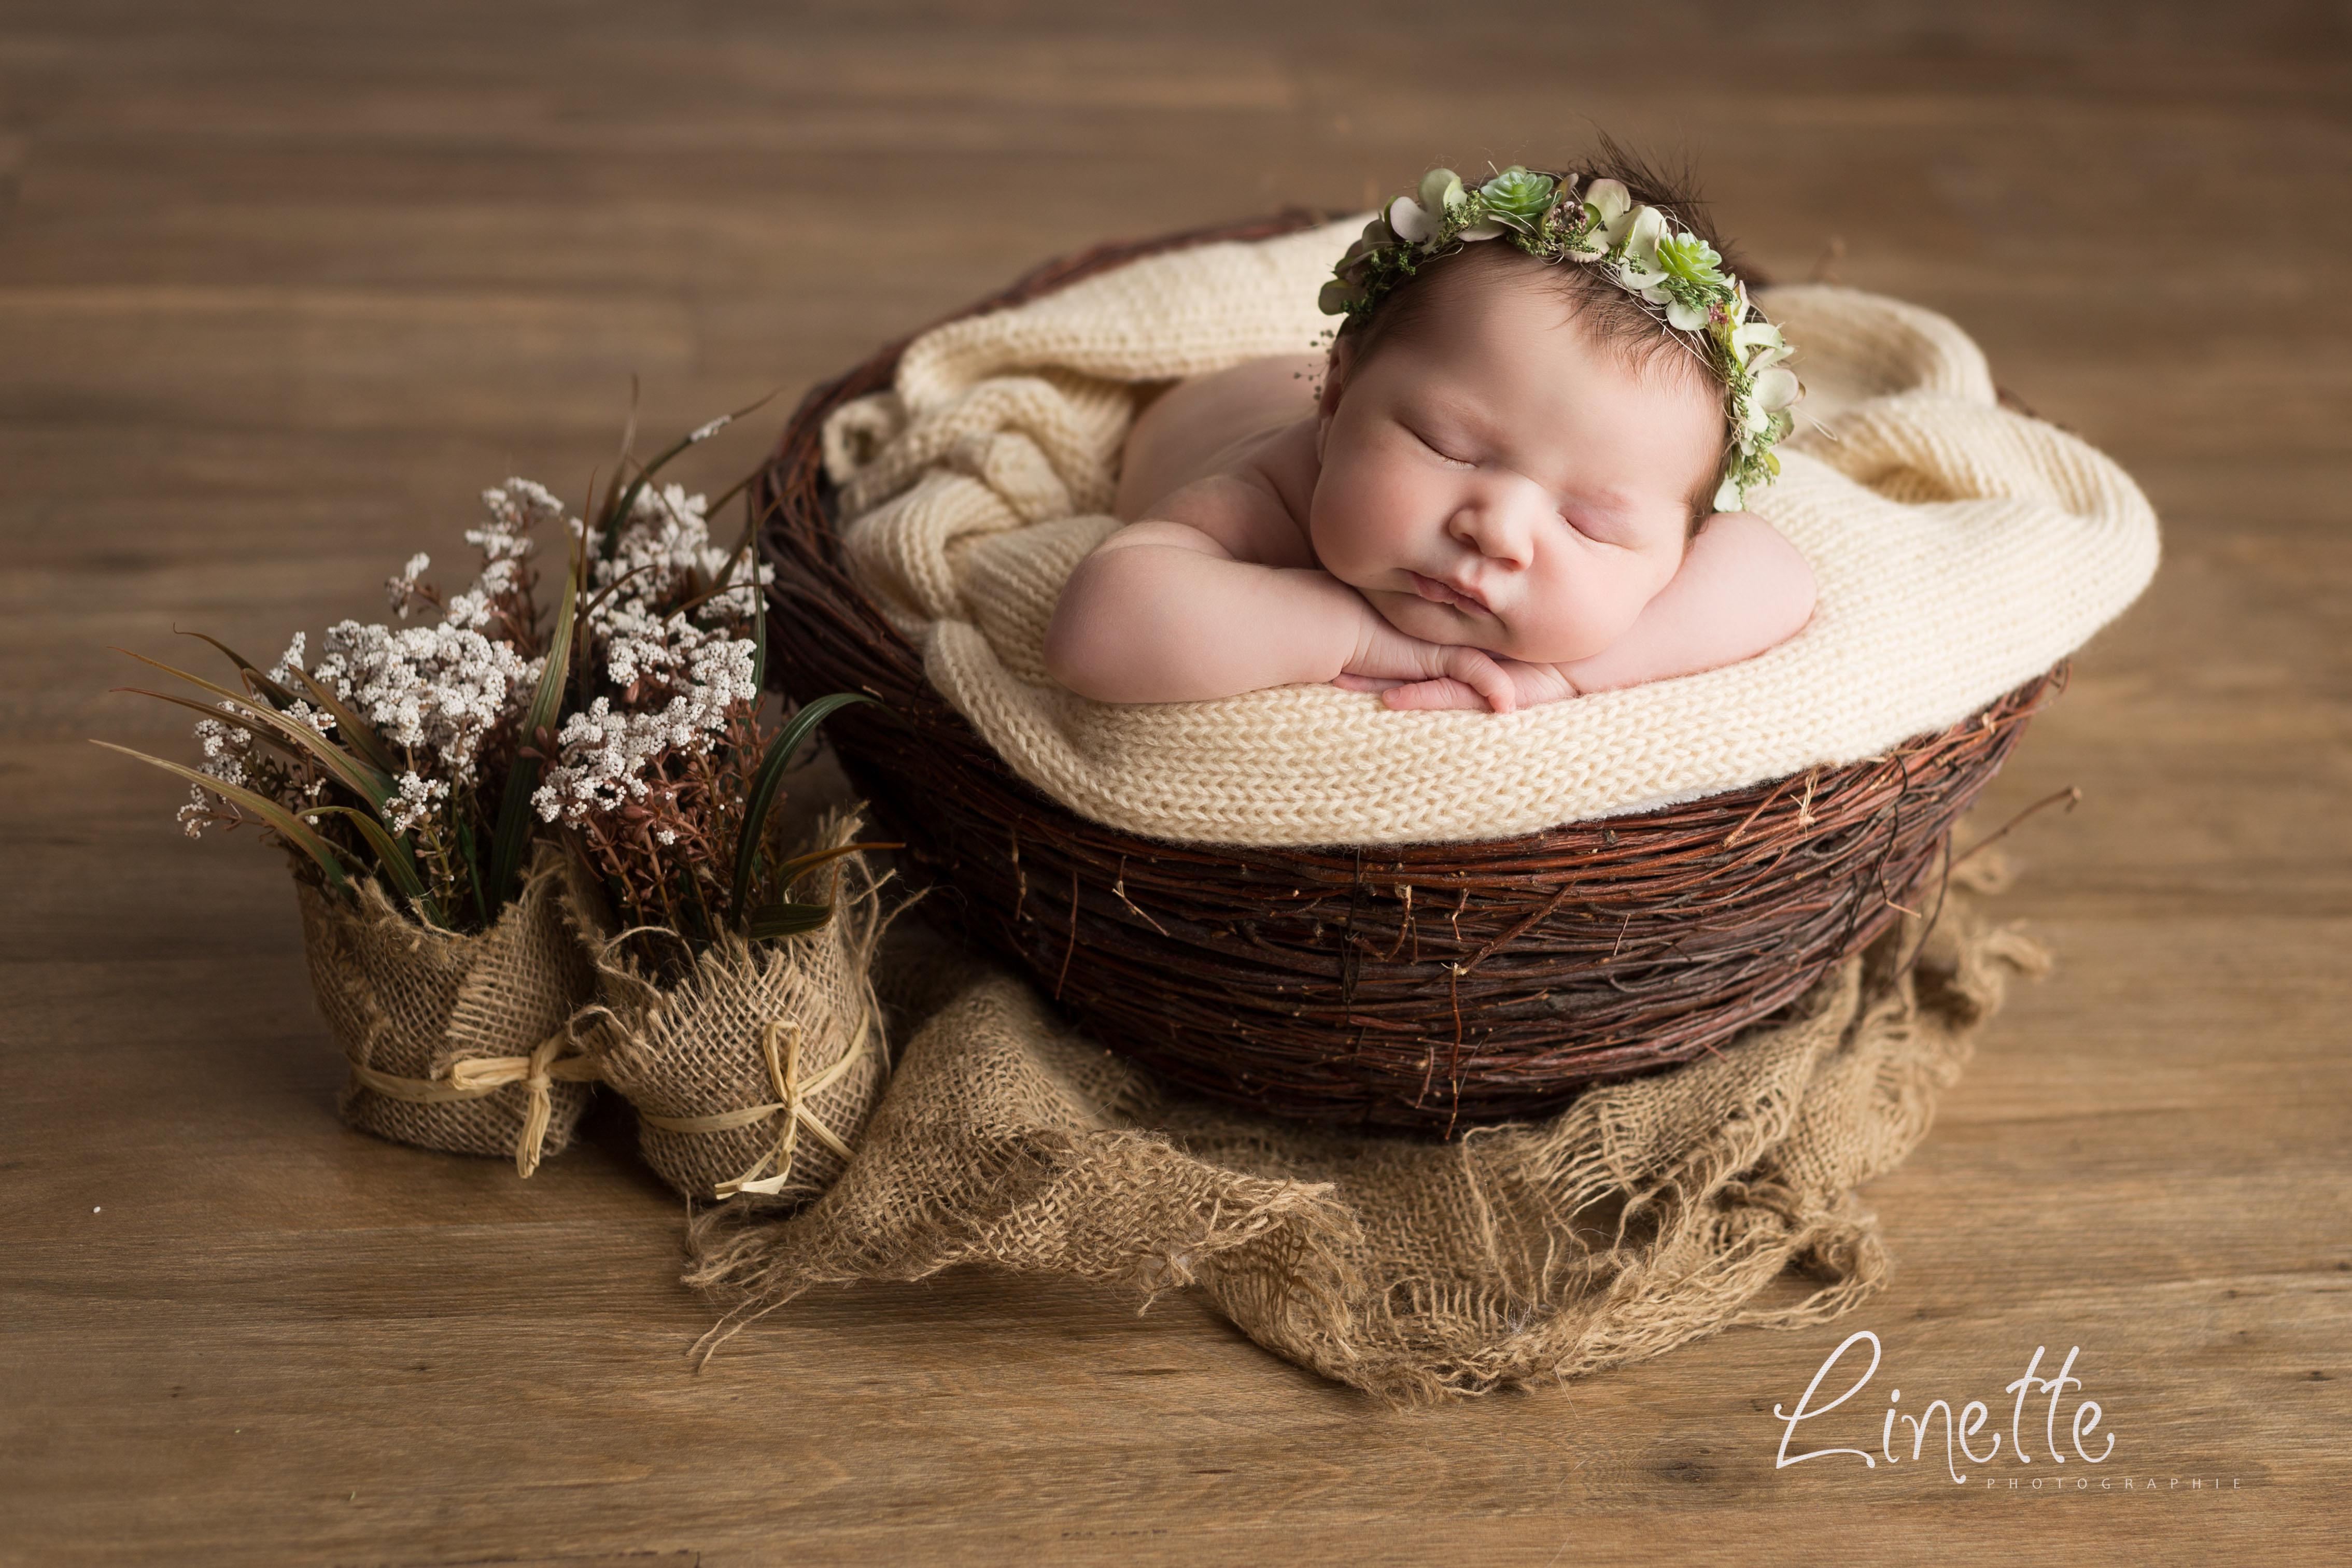 Linette Photographie photo bébé fleur corbeille